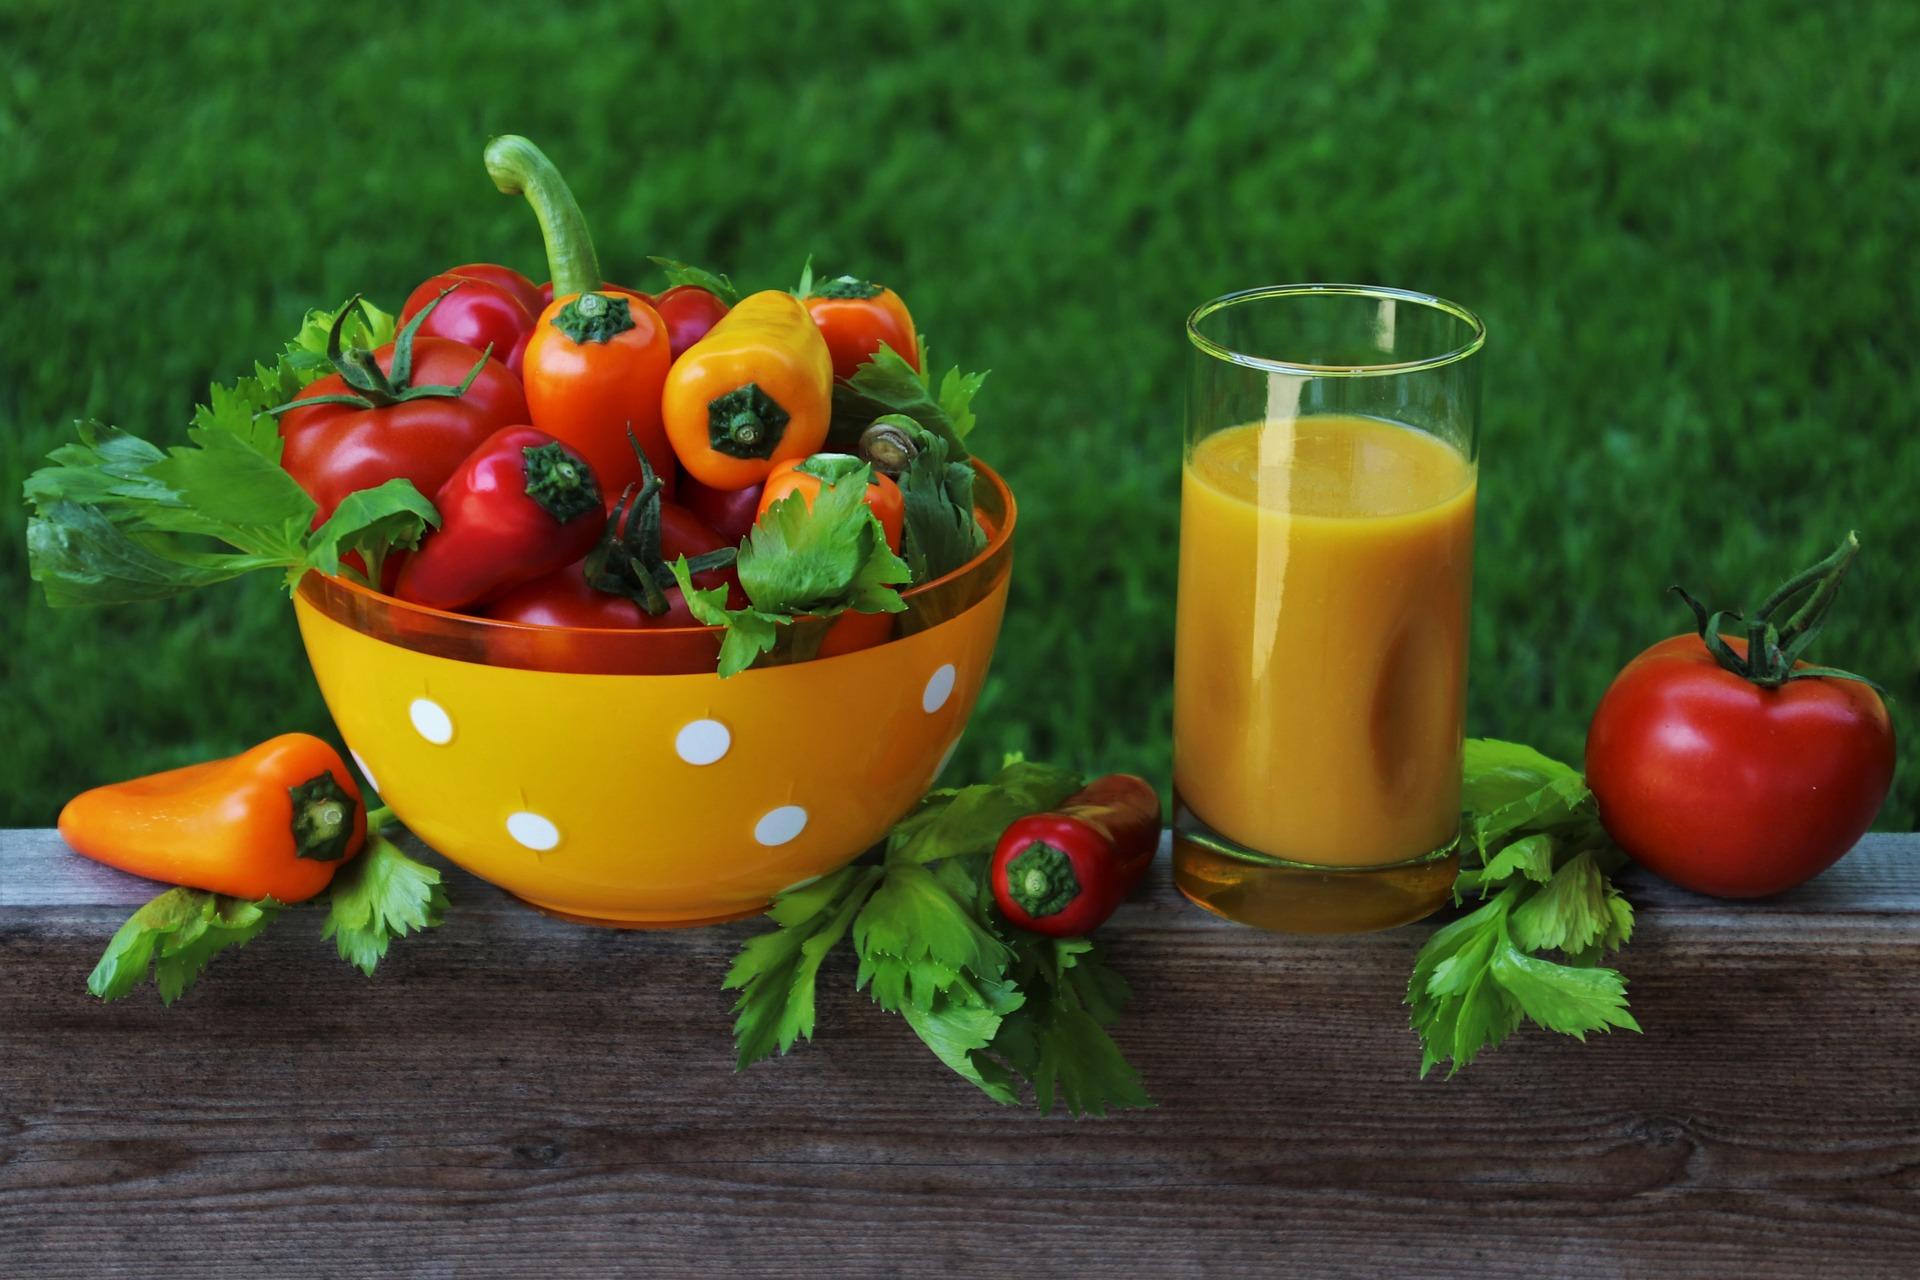 Pomysły na koktajle warzywne z blendera